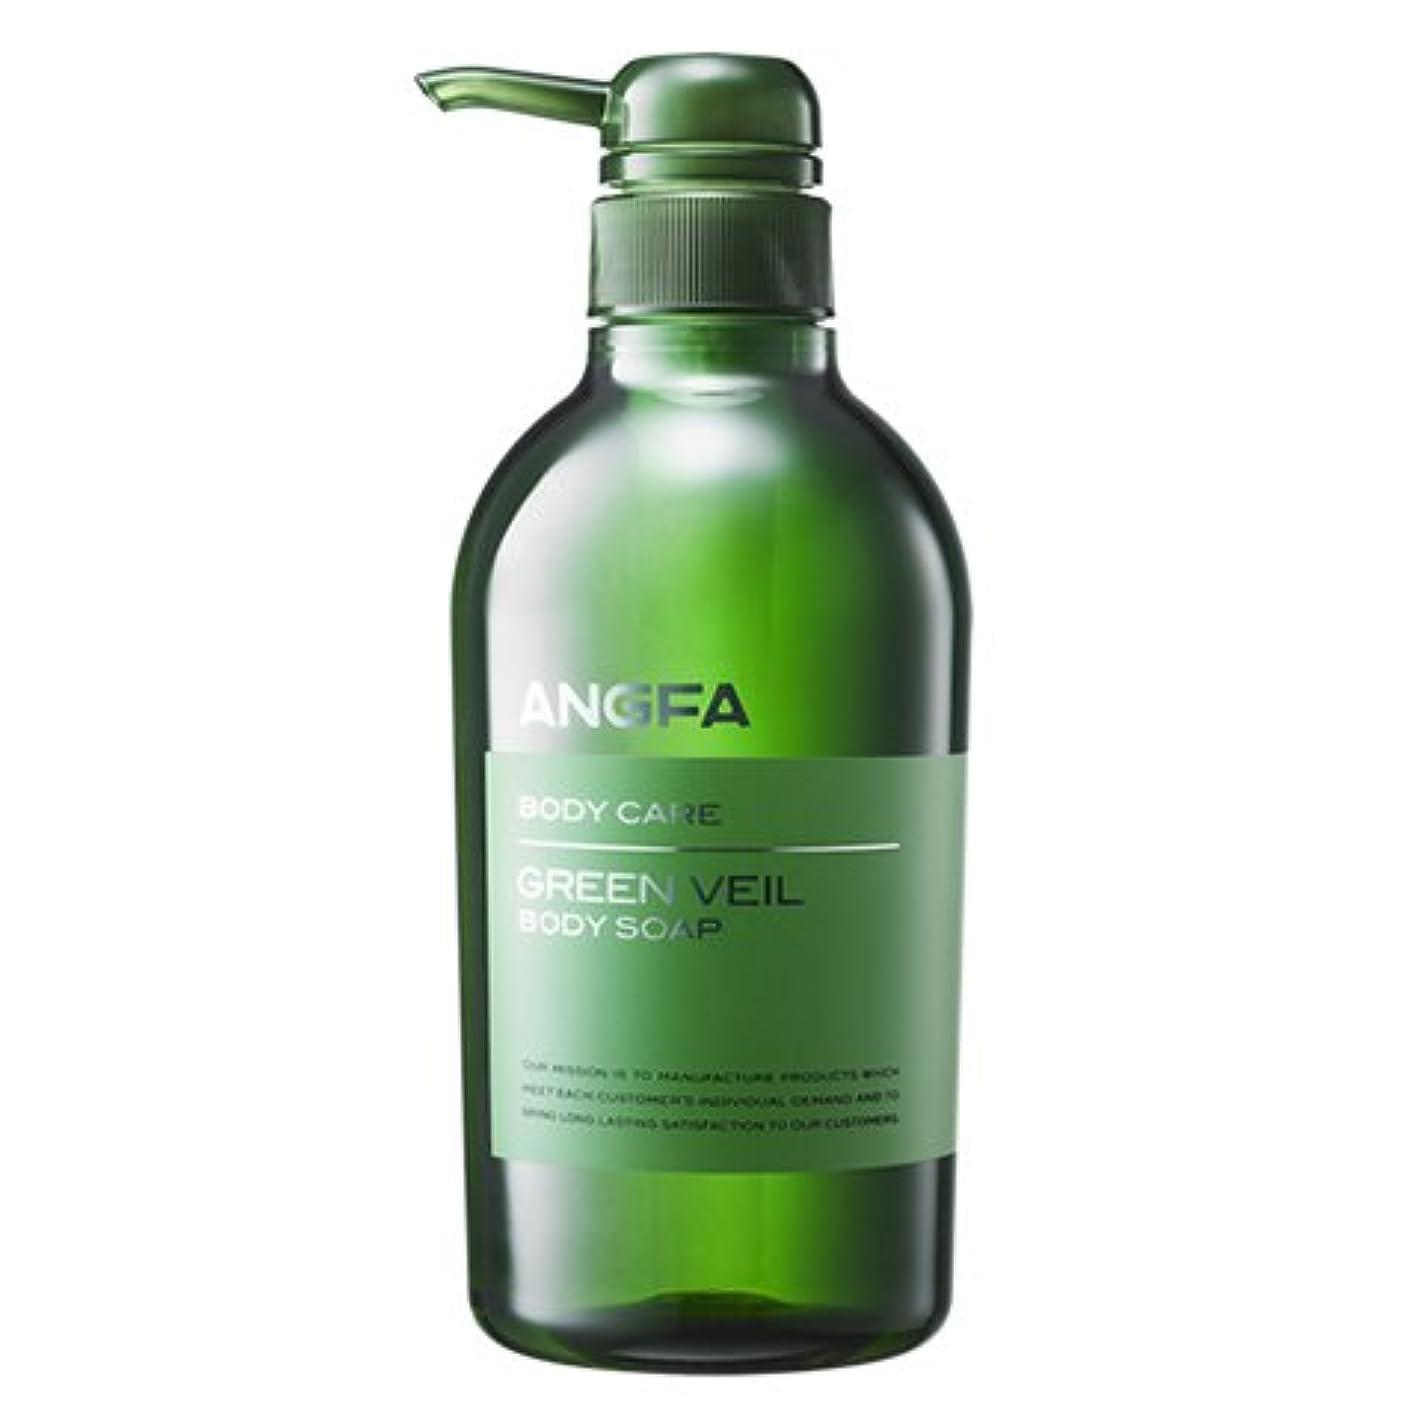 カウントアップスタックはいアンファー (ANGFA) グリーンベール 薬用ボディソープ 500ml グリーンフローラル [乾燥?保湿] かゆみ肌